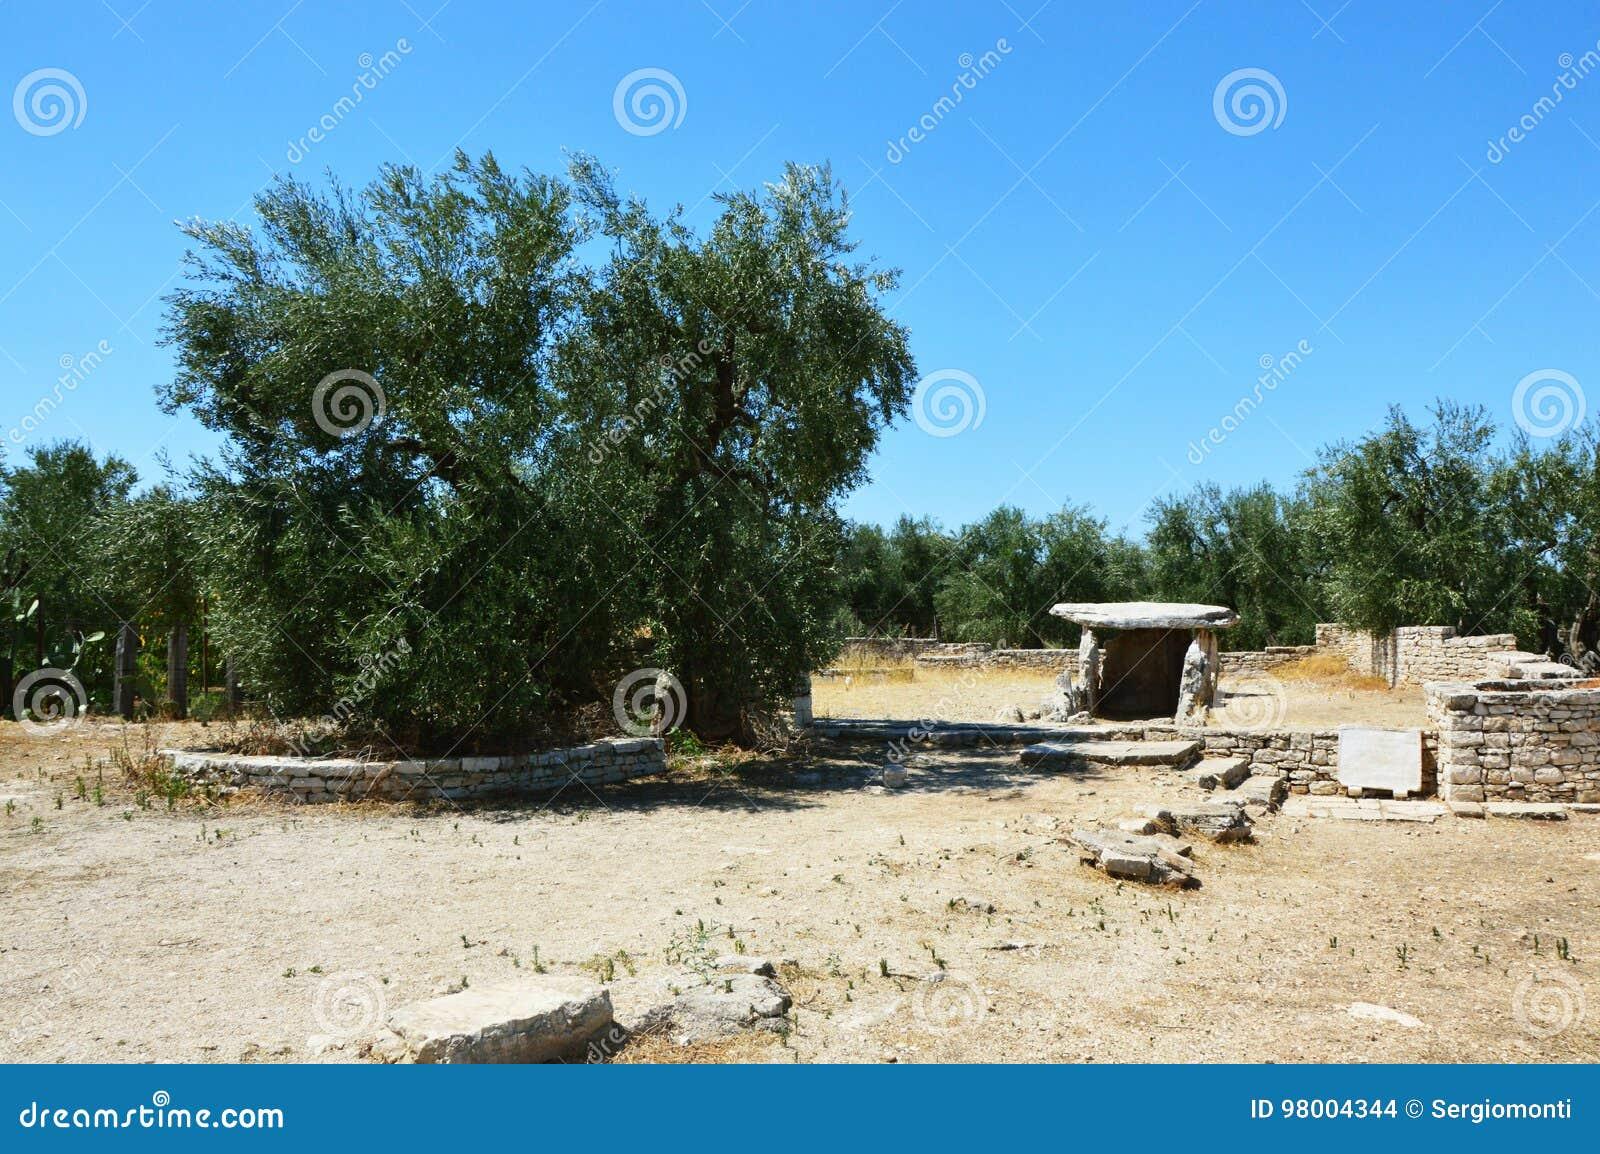 Dolmen della Chianca in Bisceglie-Stadt, Apulien, Italien,